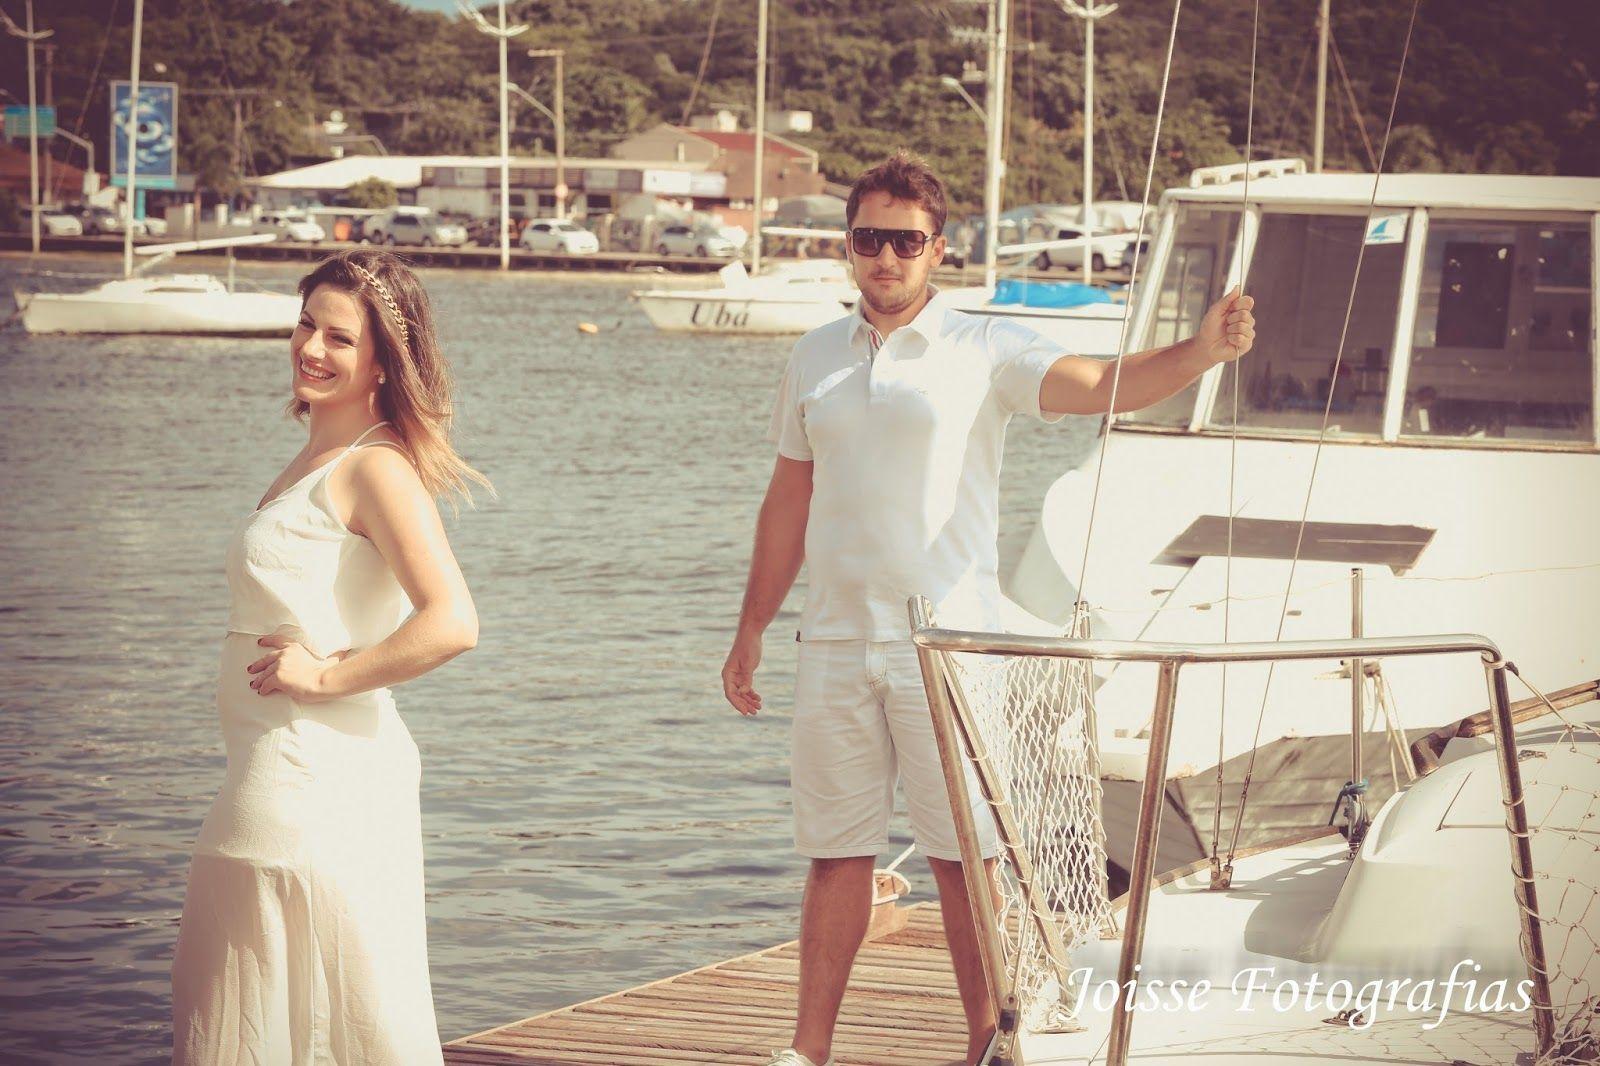 Joisse Lara Fotografias: Ensaio Pré Casamento Darli e Lucas